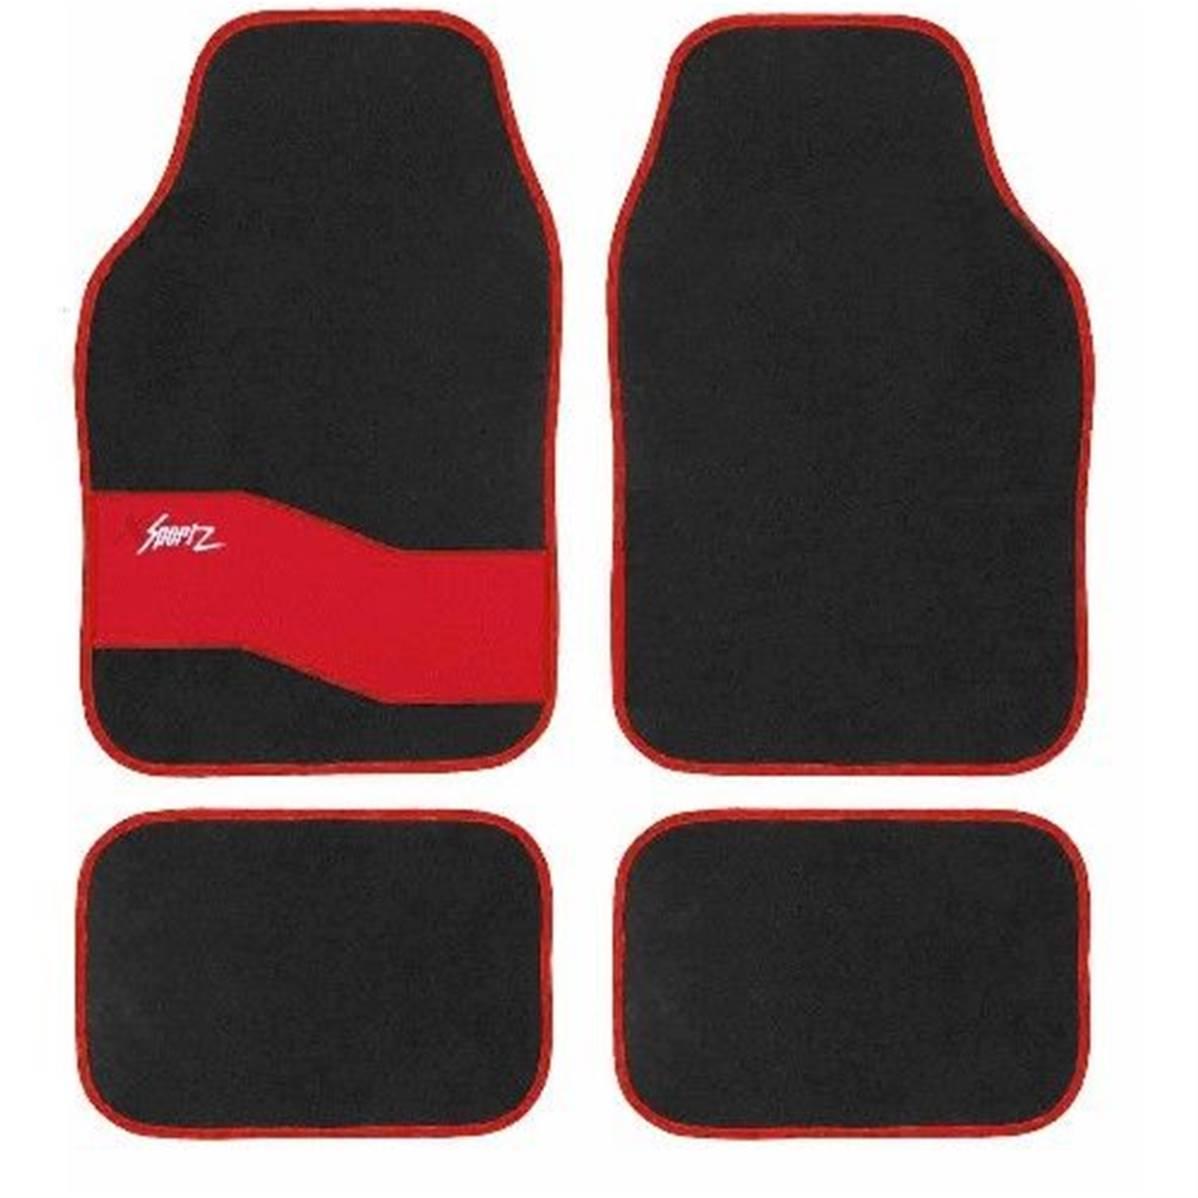 tapis sol pour voiture design rouge et noir sport